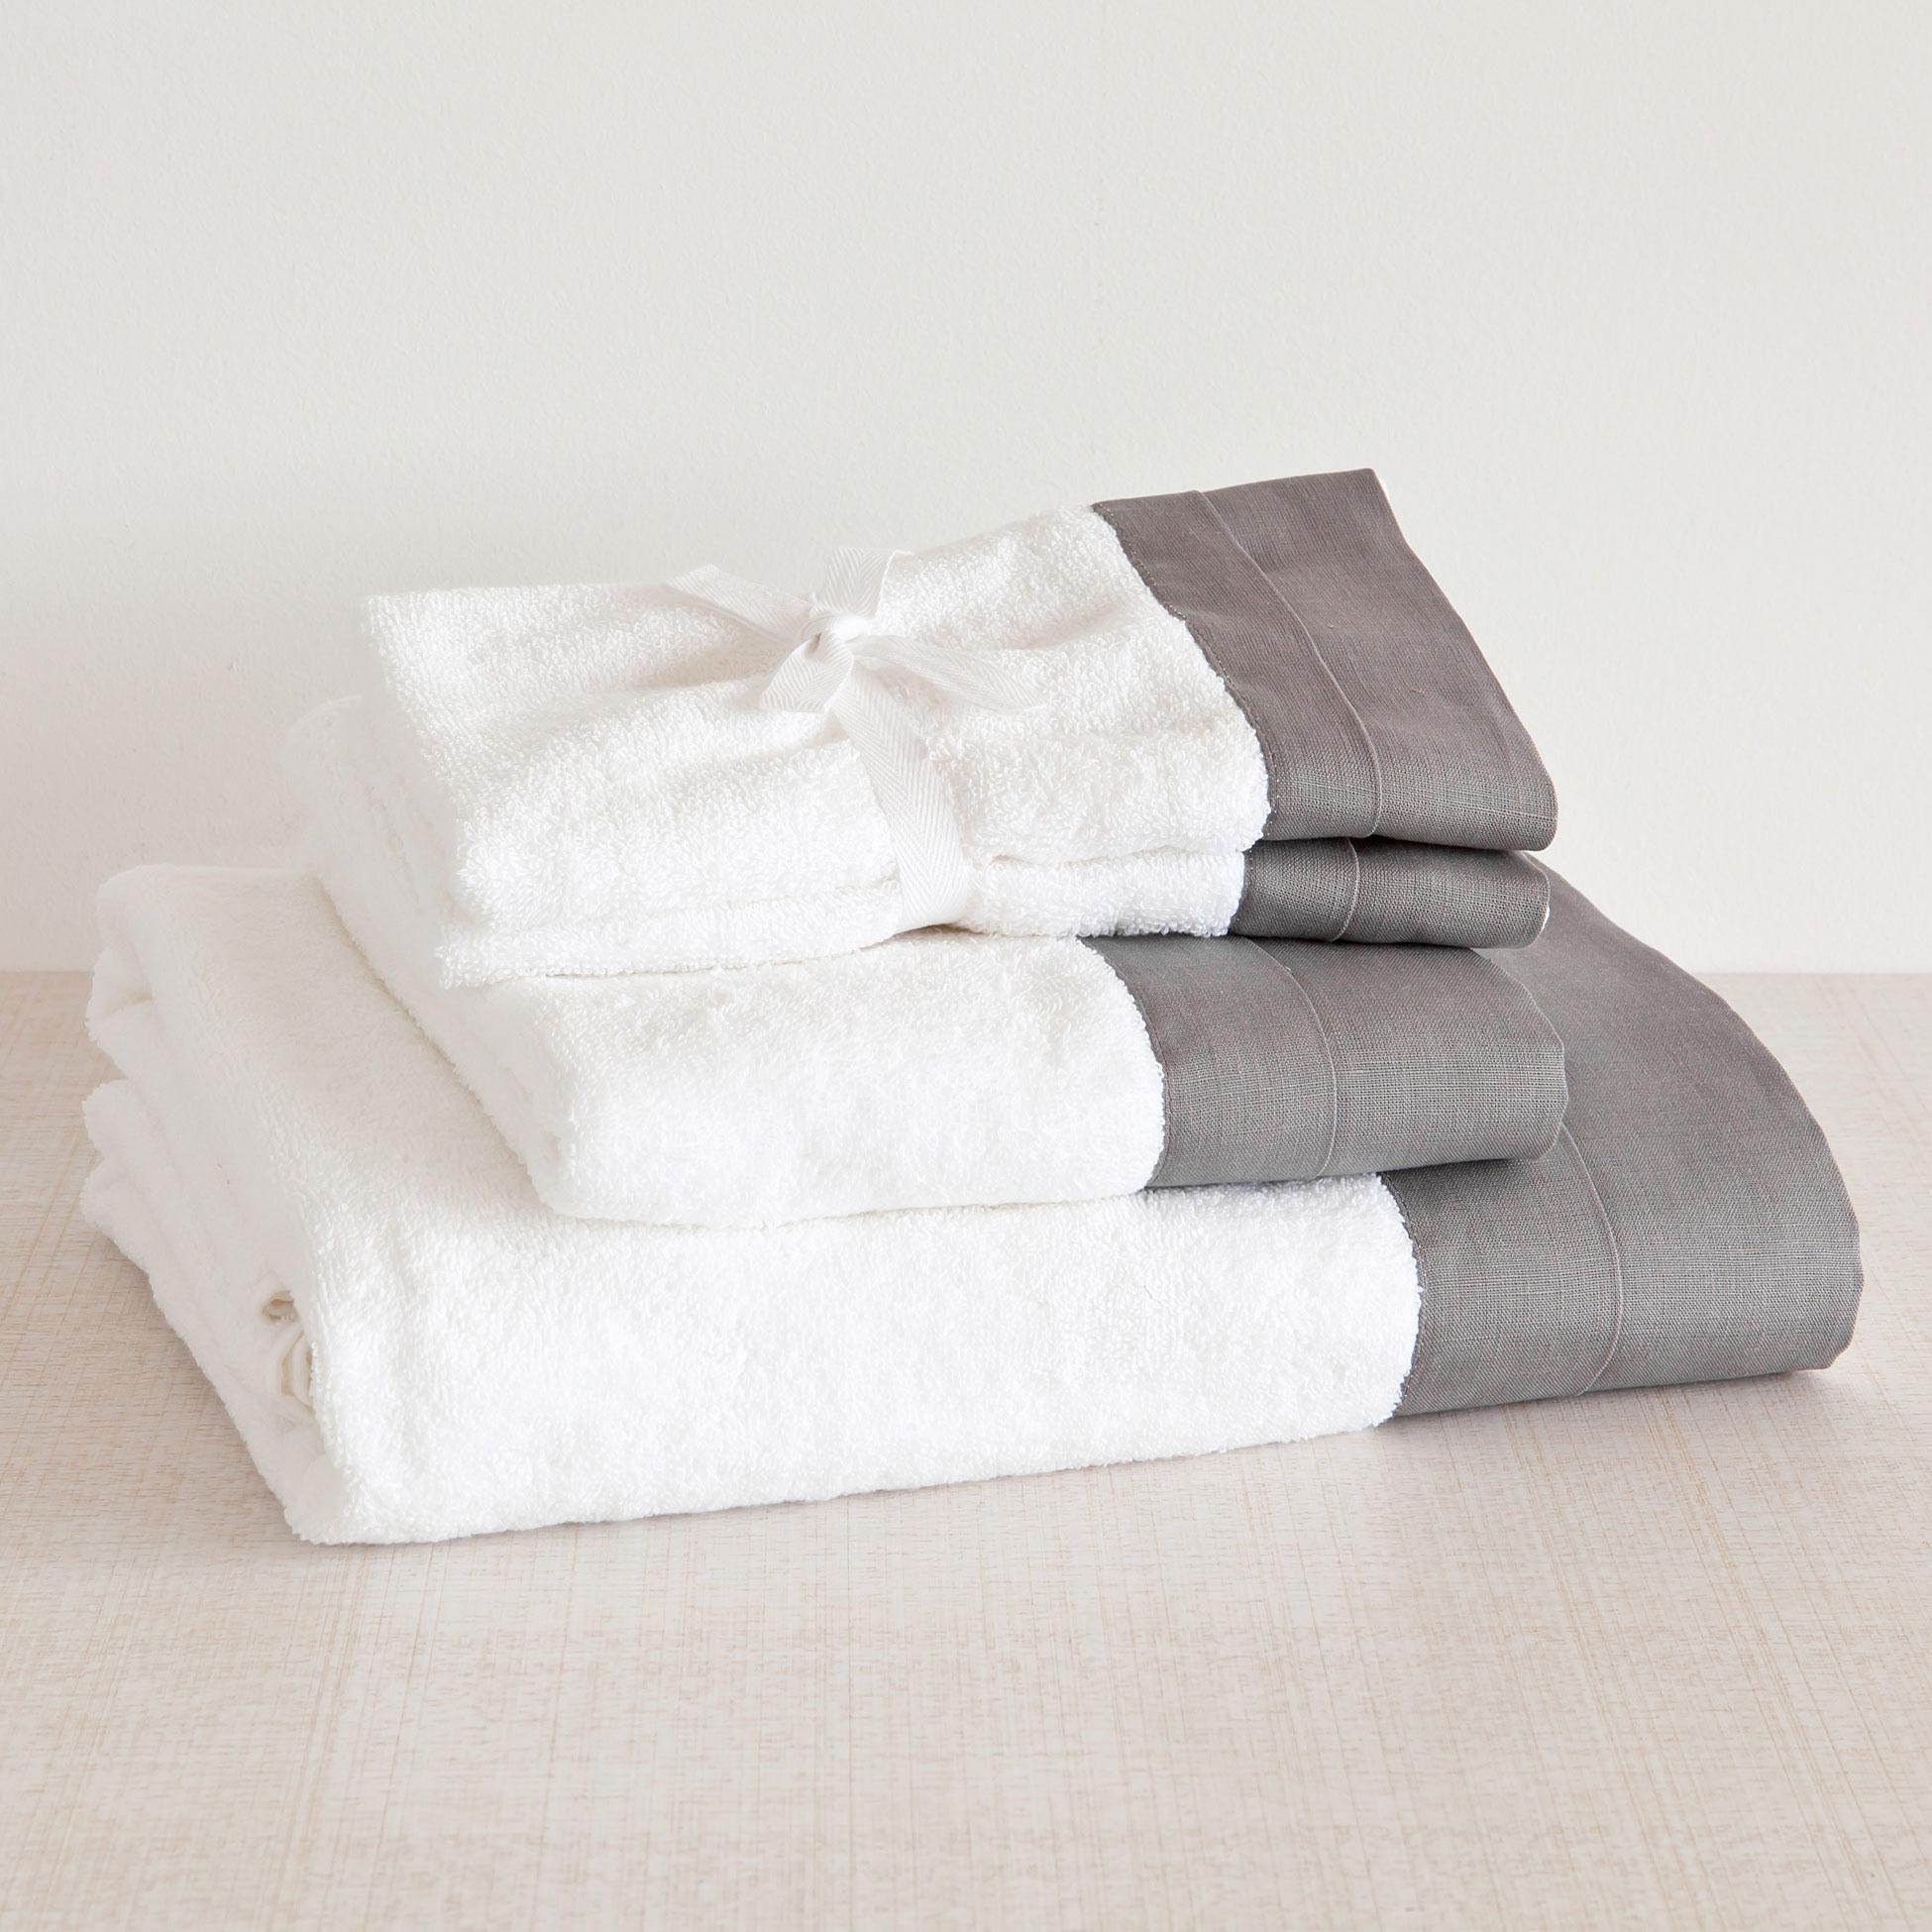 Zara Home Accessori Bagno.Come Preparare Kit Bagno Ospiti Zara Home Asciugamano Bordatura